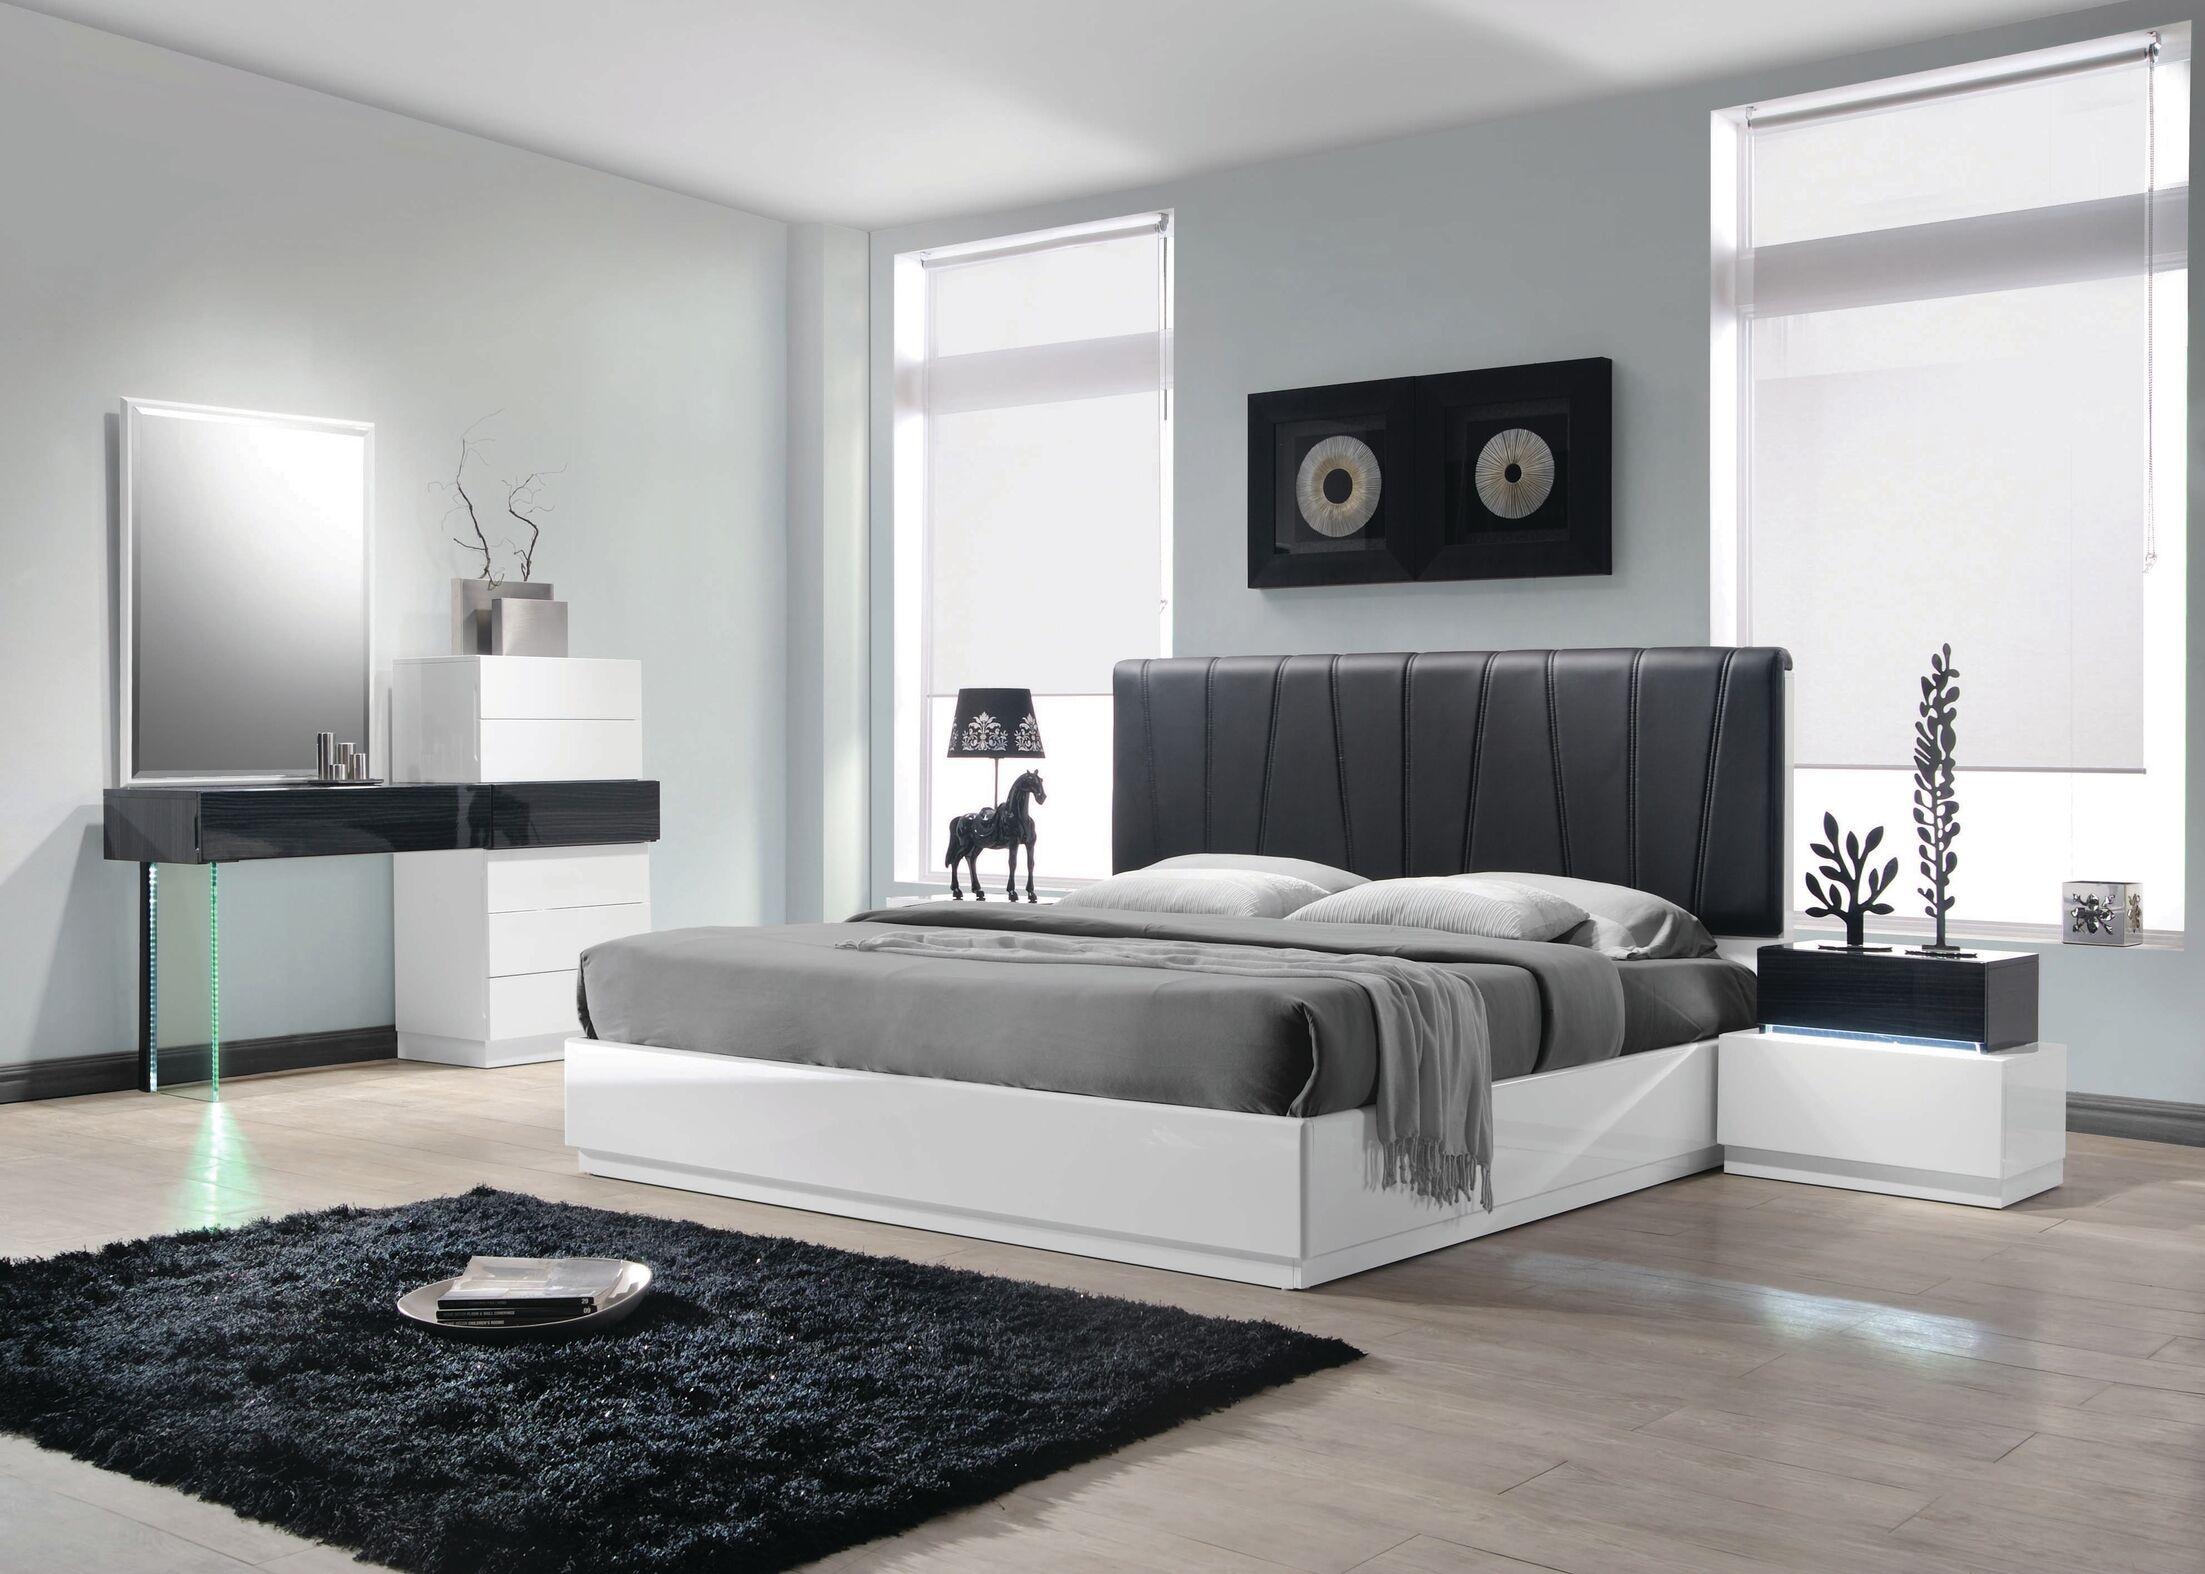 Linehan Platform 5 Piece Bedroom Set Size: King